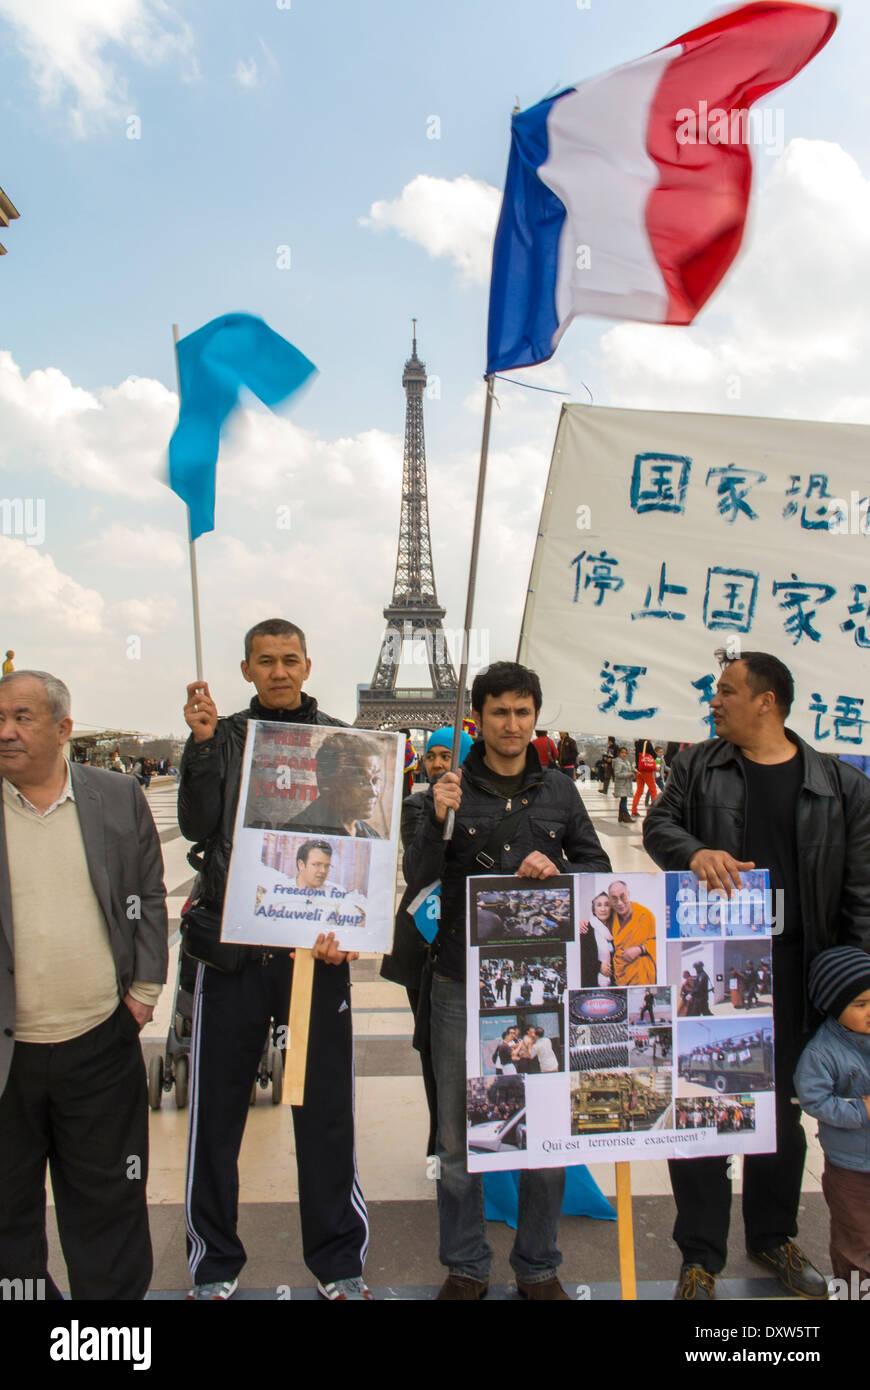 Le tibétain, le taïwanais, et les communautés ethniques de l'Ouïgour France, manifestation, a appelé à des citoyens français à se mobiliser au cours de la visite du président chinois à Paris, sur la Place des droits de l'homme. Groupe Holding pancartes Banque D'Images